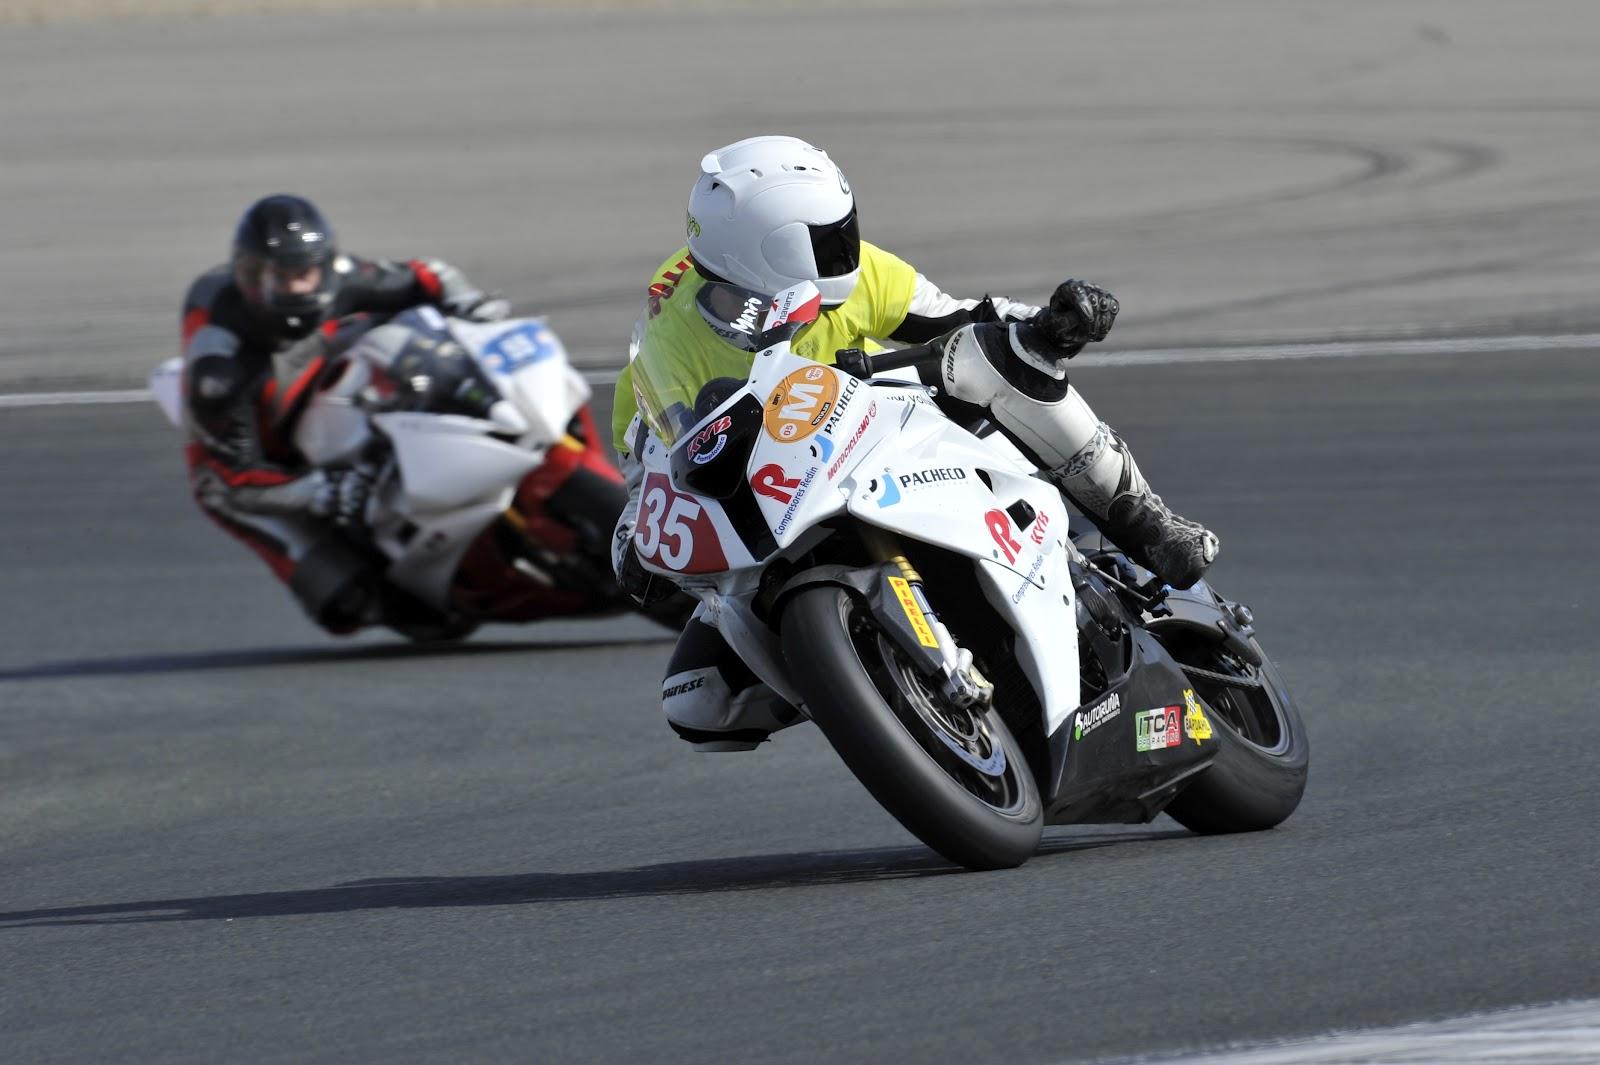 Circuito Los Arcos : Escuela conducción equipo competición tandas dmt en circuito de